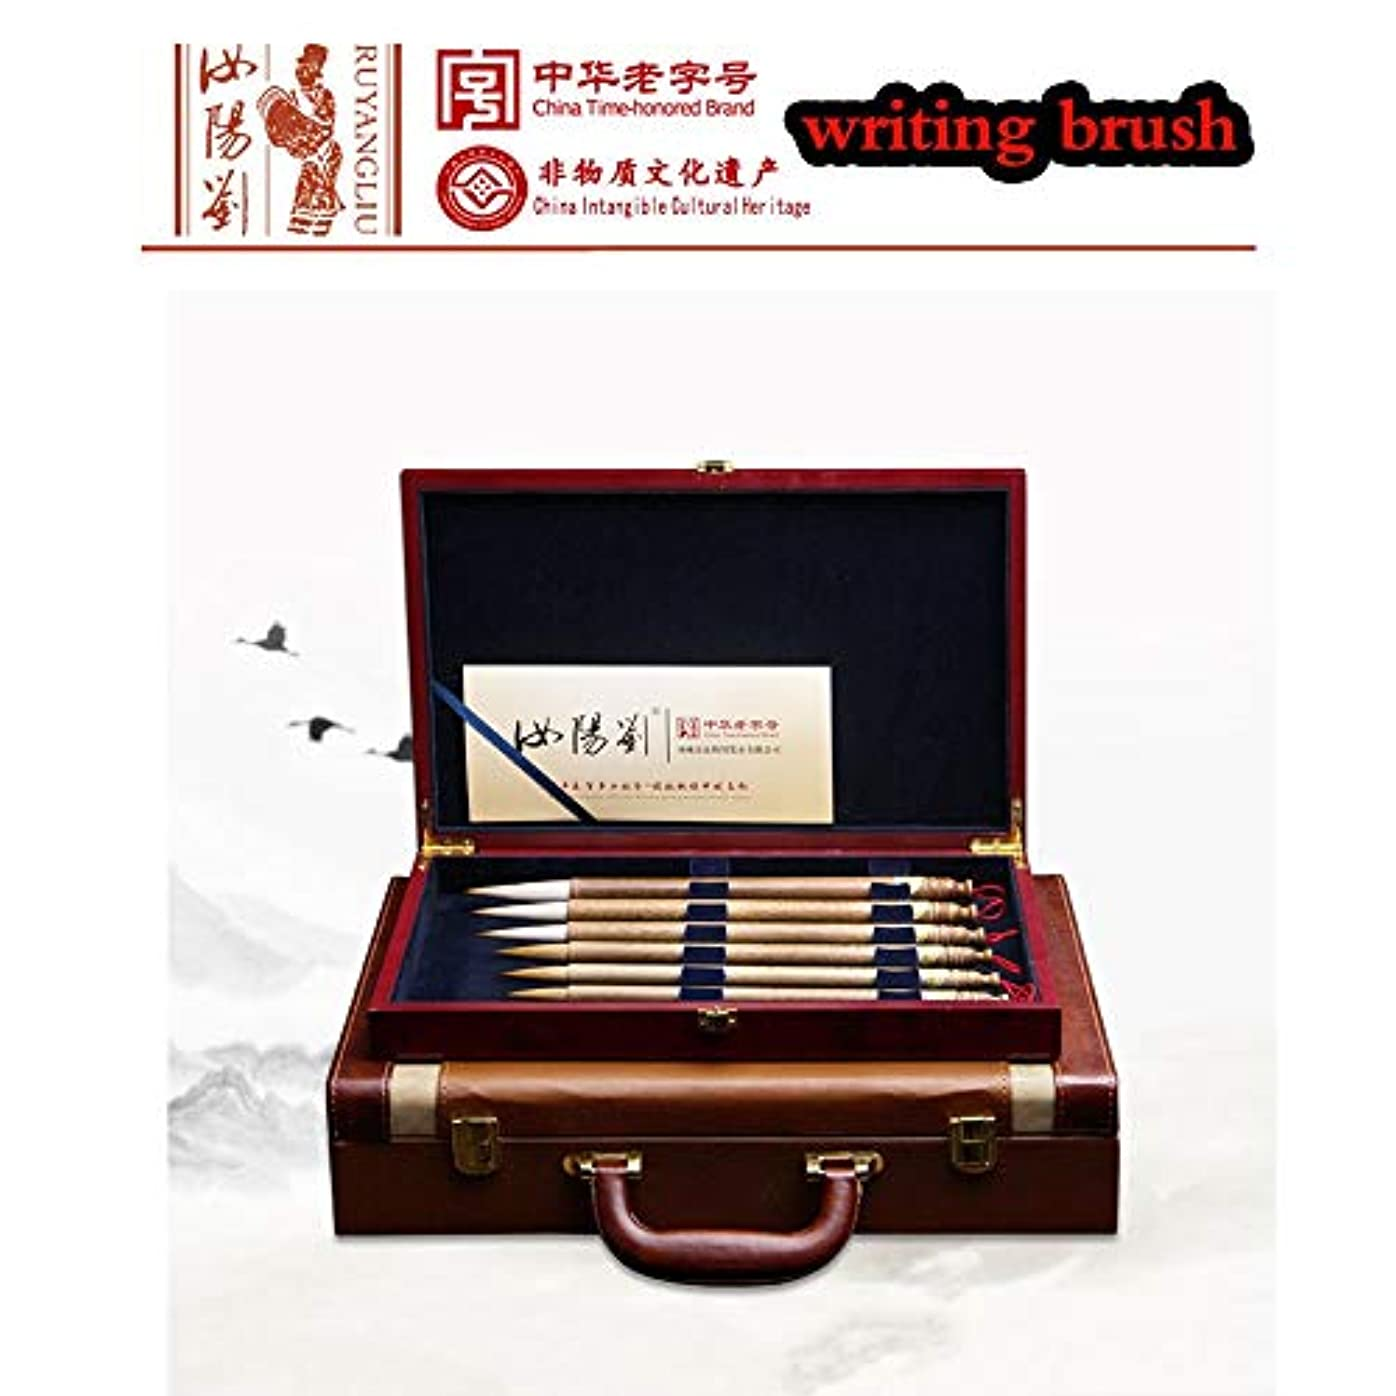 個人的にチョップ付与書道筆 ウルフヘアー書道絵画ブラシ中国の書道執筆ブラシの描画ブラシRUYANGLIU中国のブラシ23CM 6PCS 習字ふで 小学生 習字筆 書道 小筆